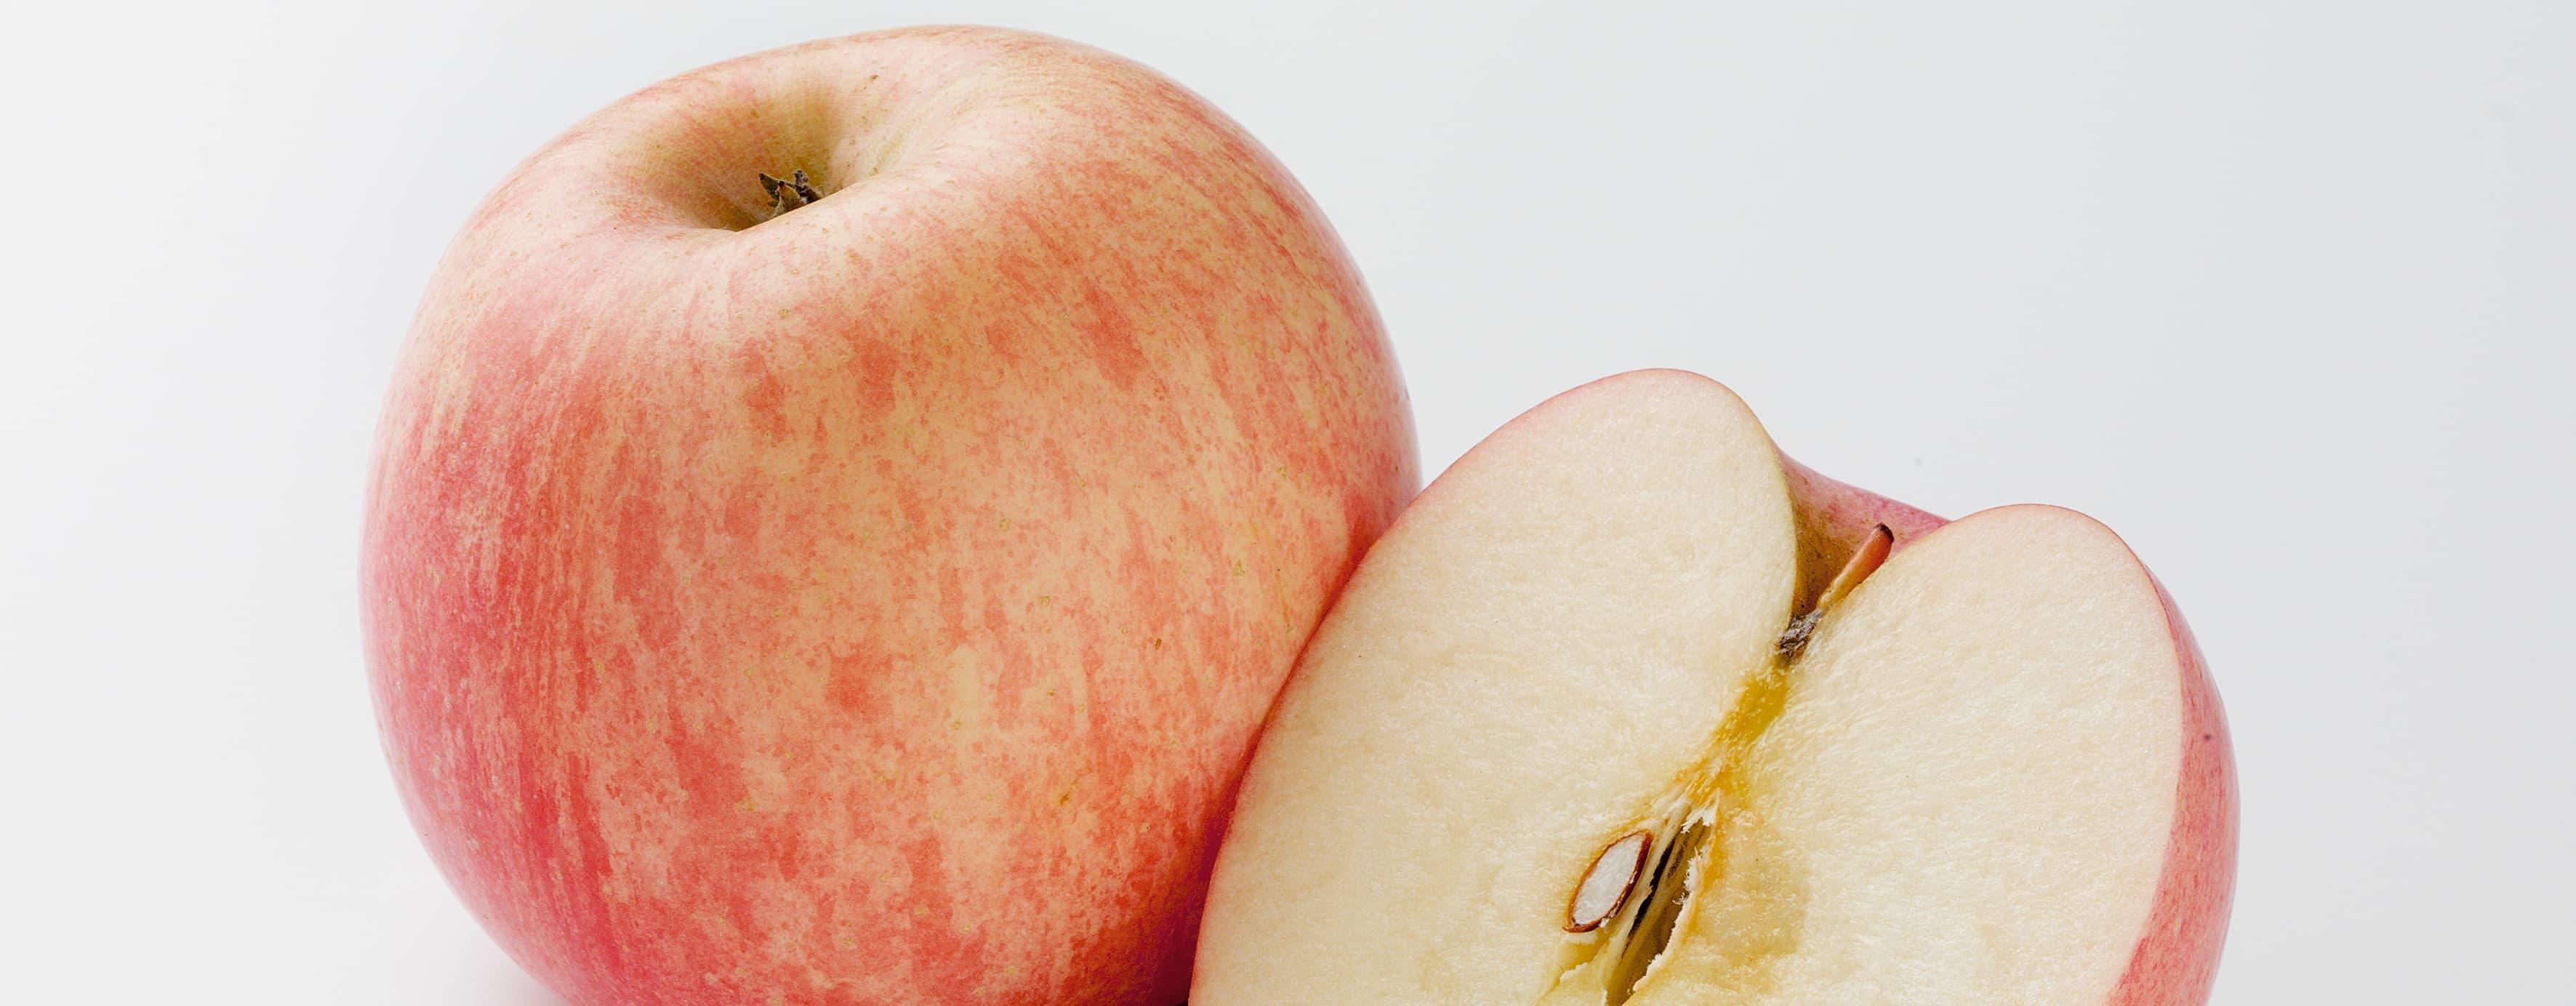 Spis eplene med skallet på